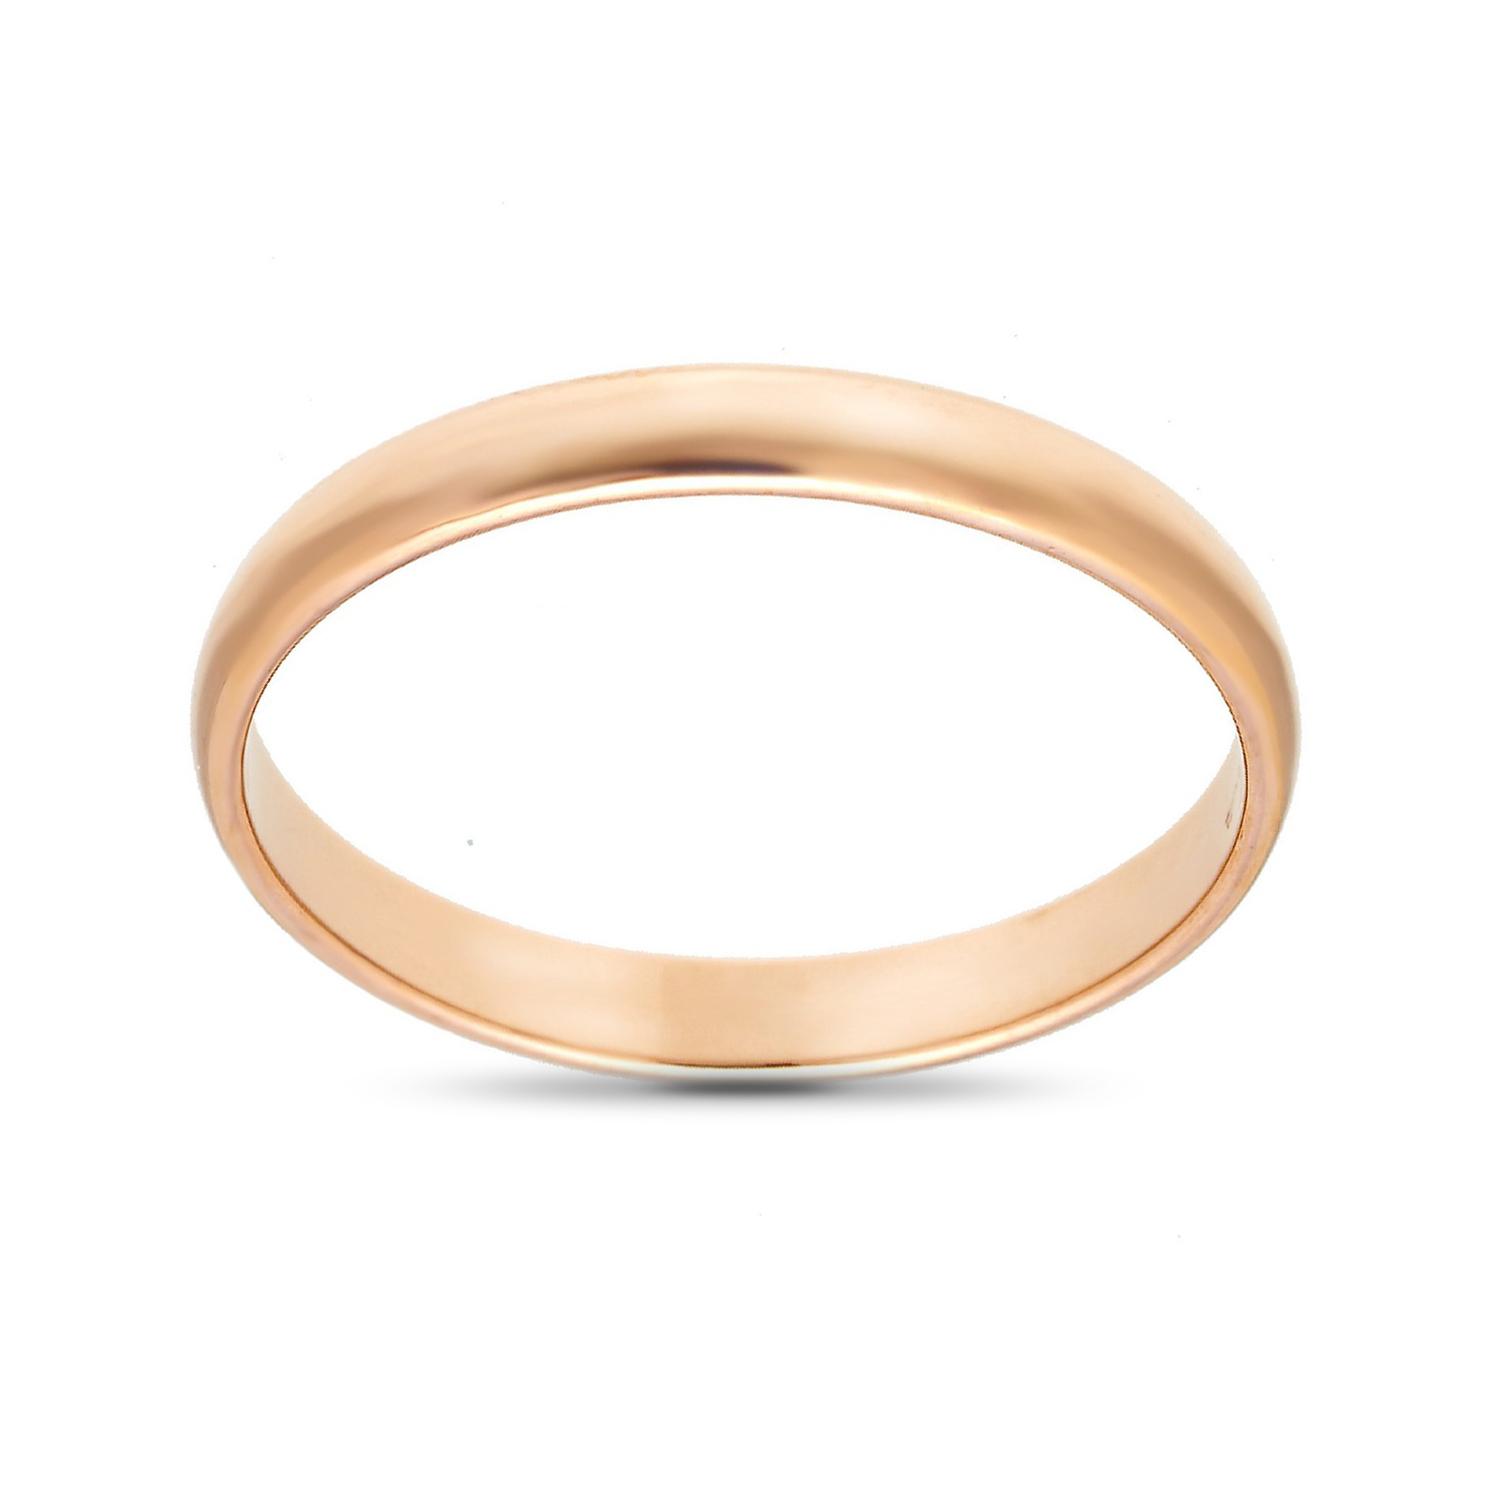 Кольцо обручальное из золота, 2.5 мм